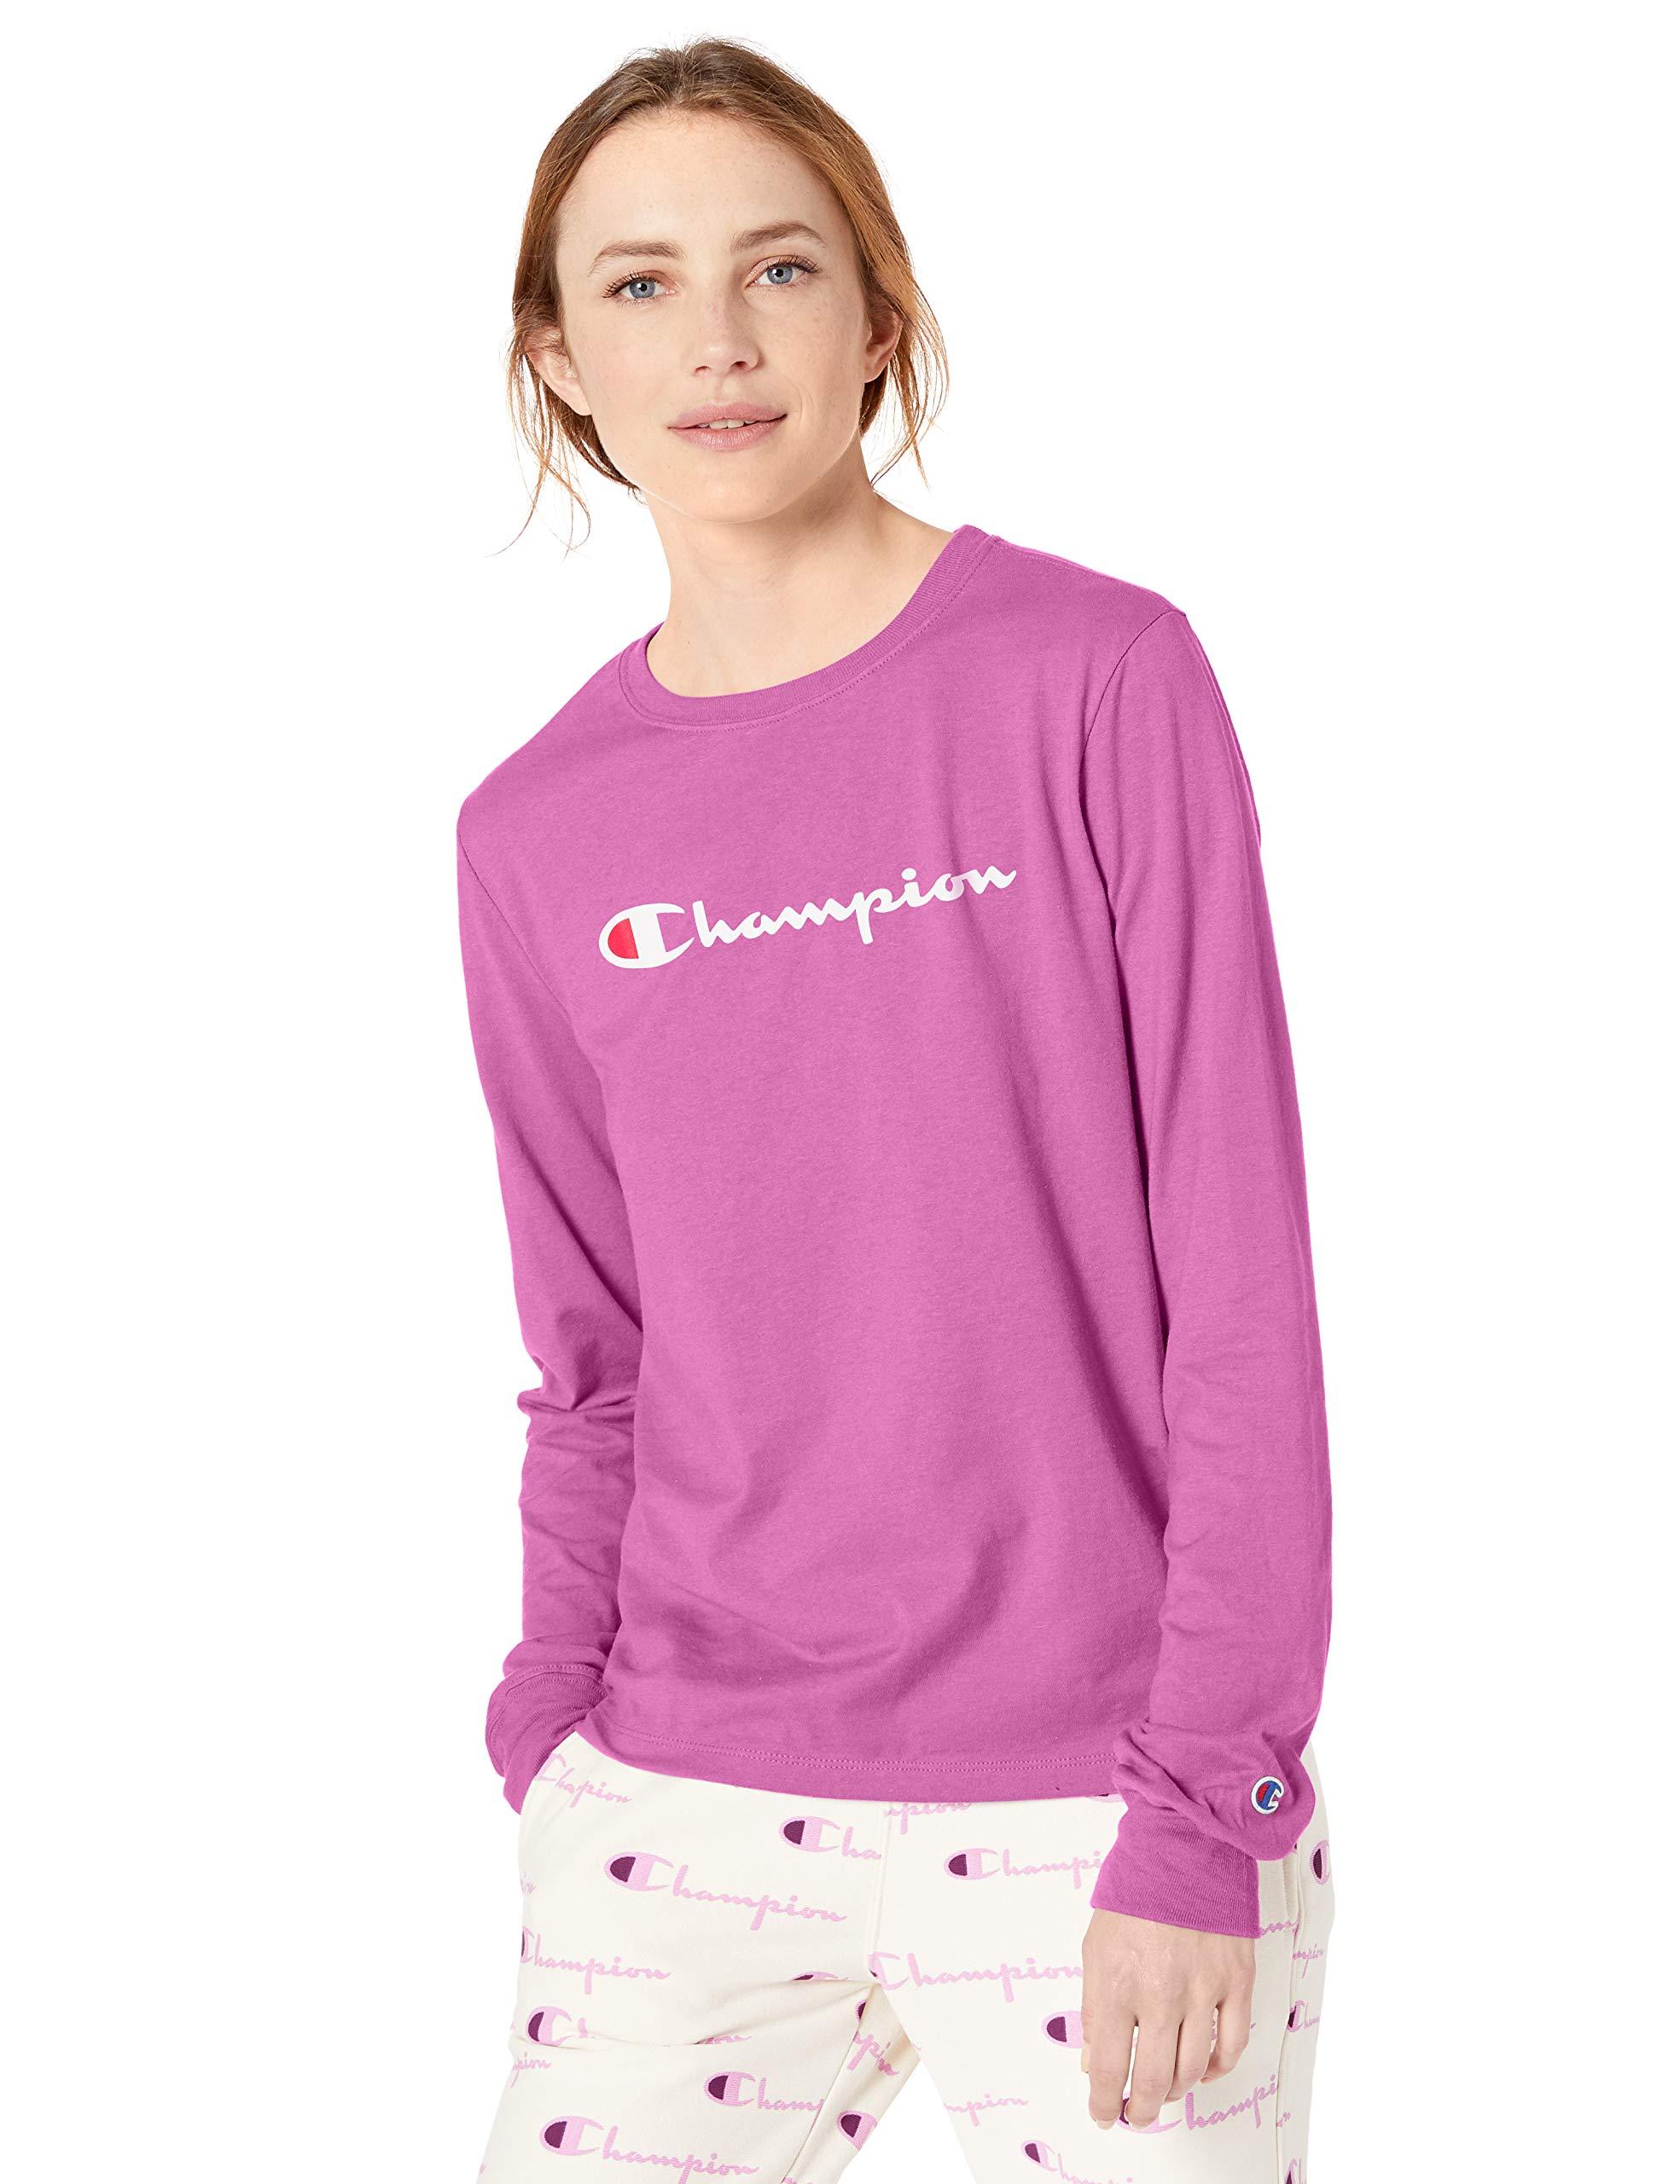 チャンピオンの女性の古典的な長袖Tシャツ